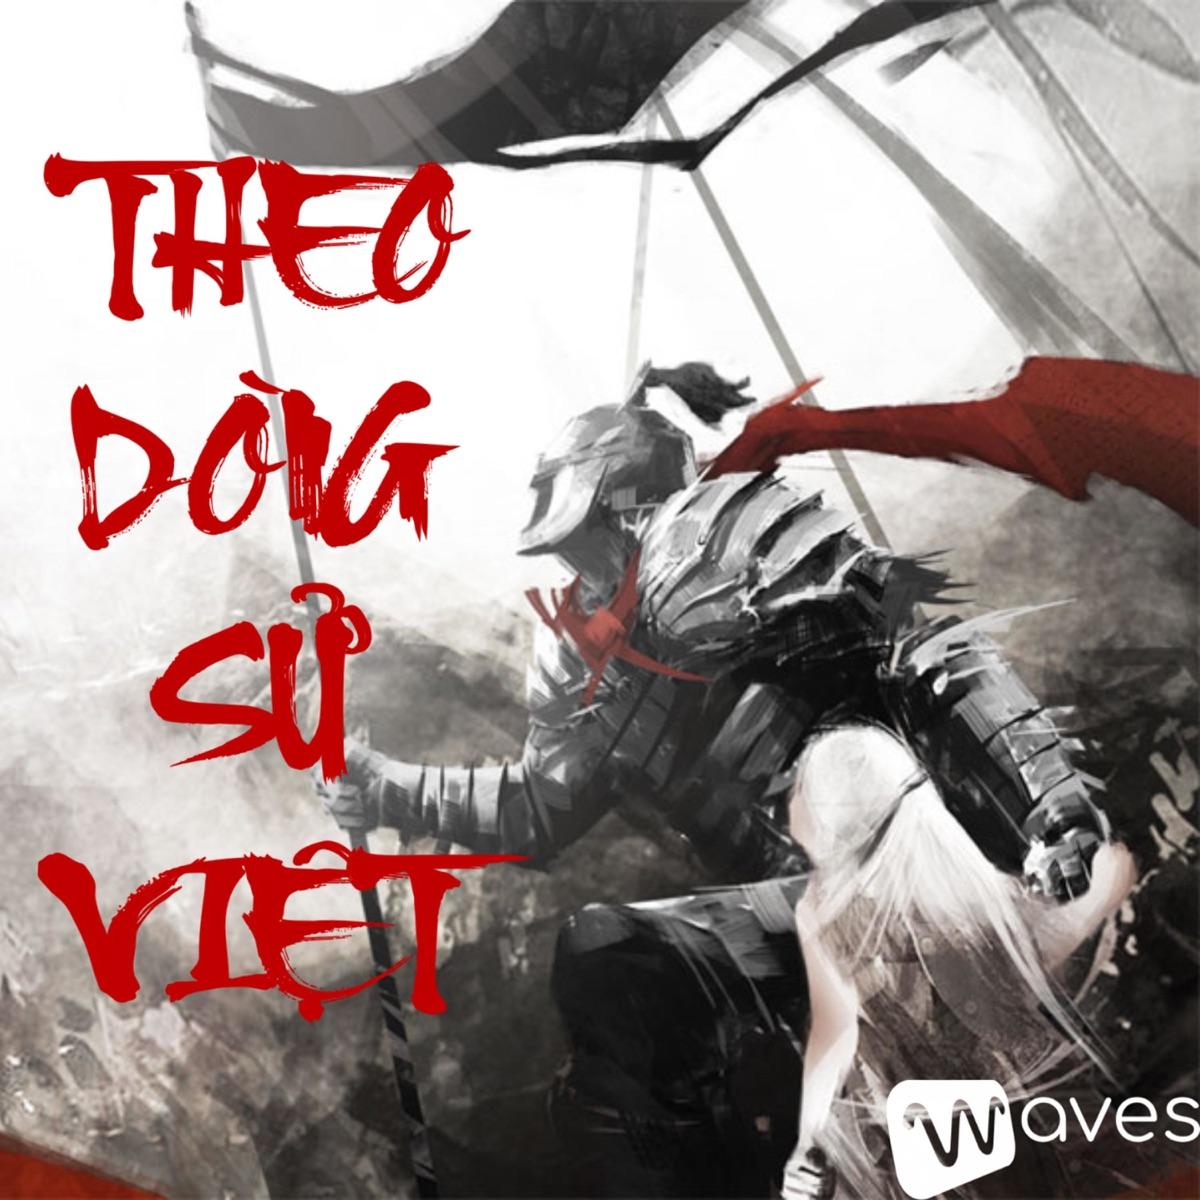 Theo Dòng Sử Việt - Waves